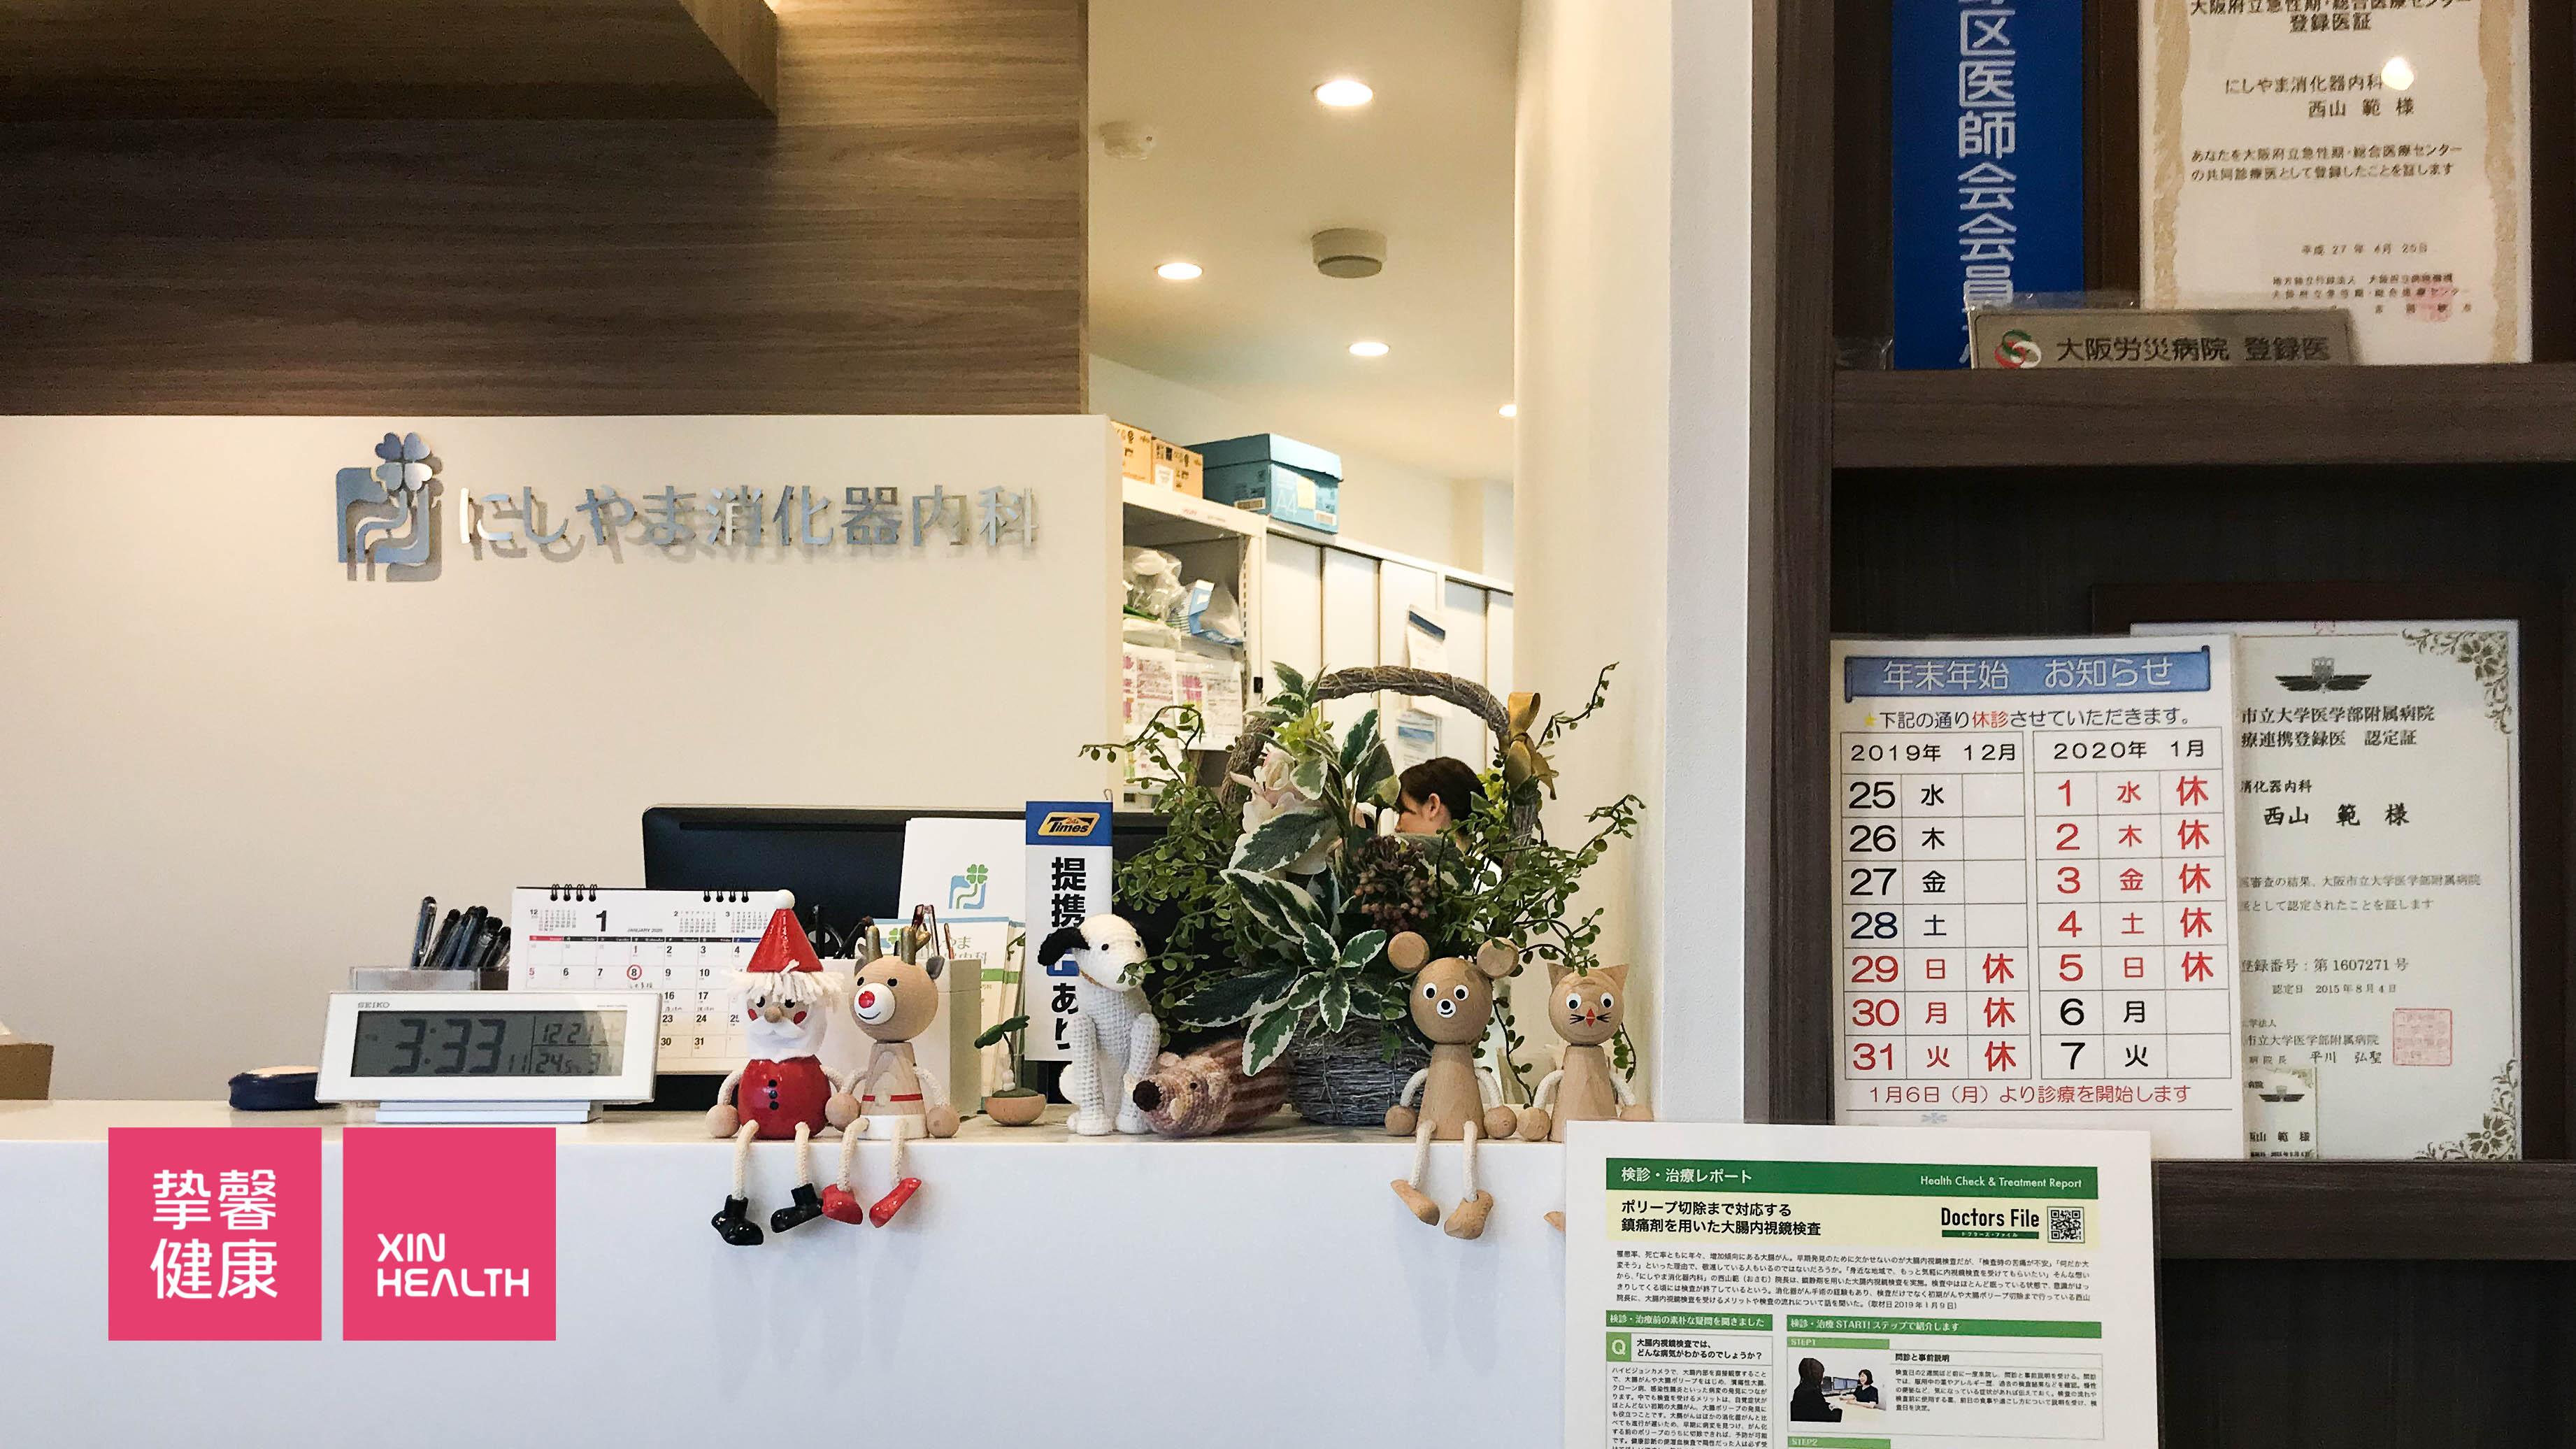 日本高级体检 肠镜检查专科医院